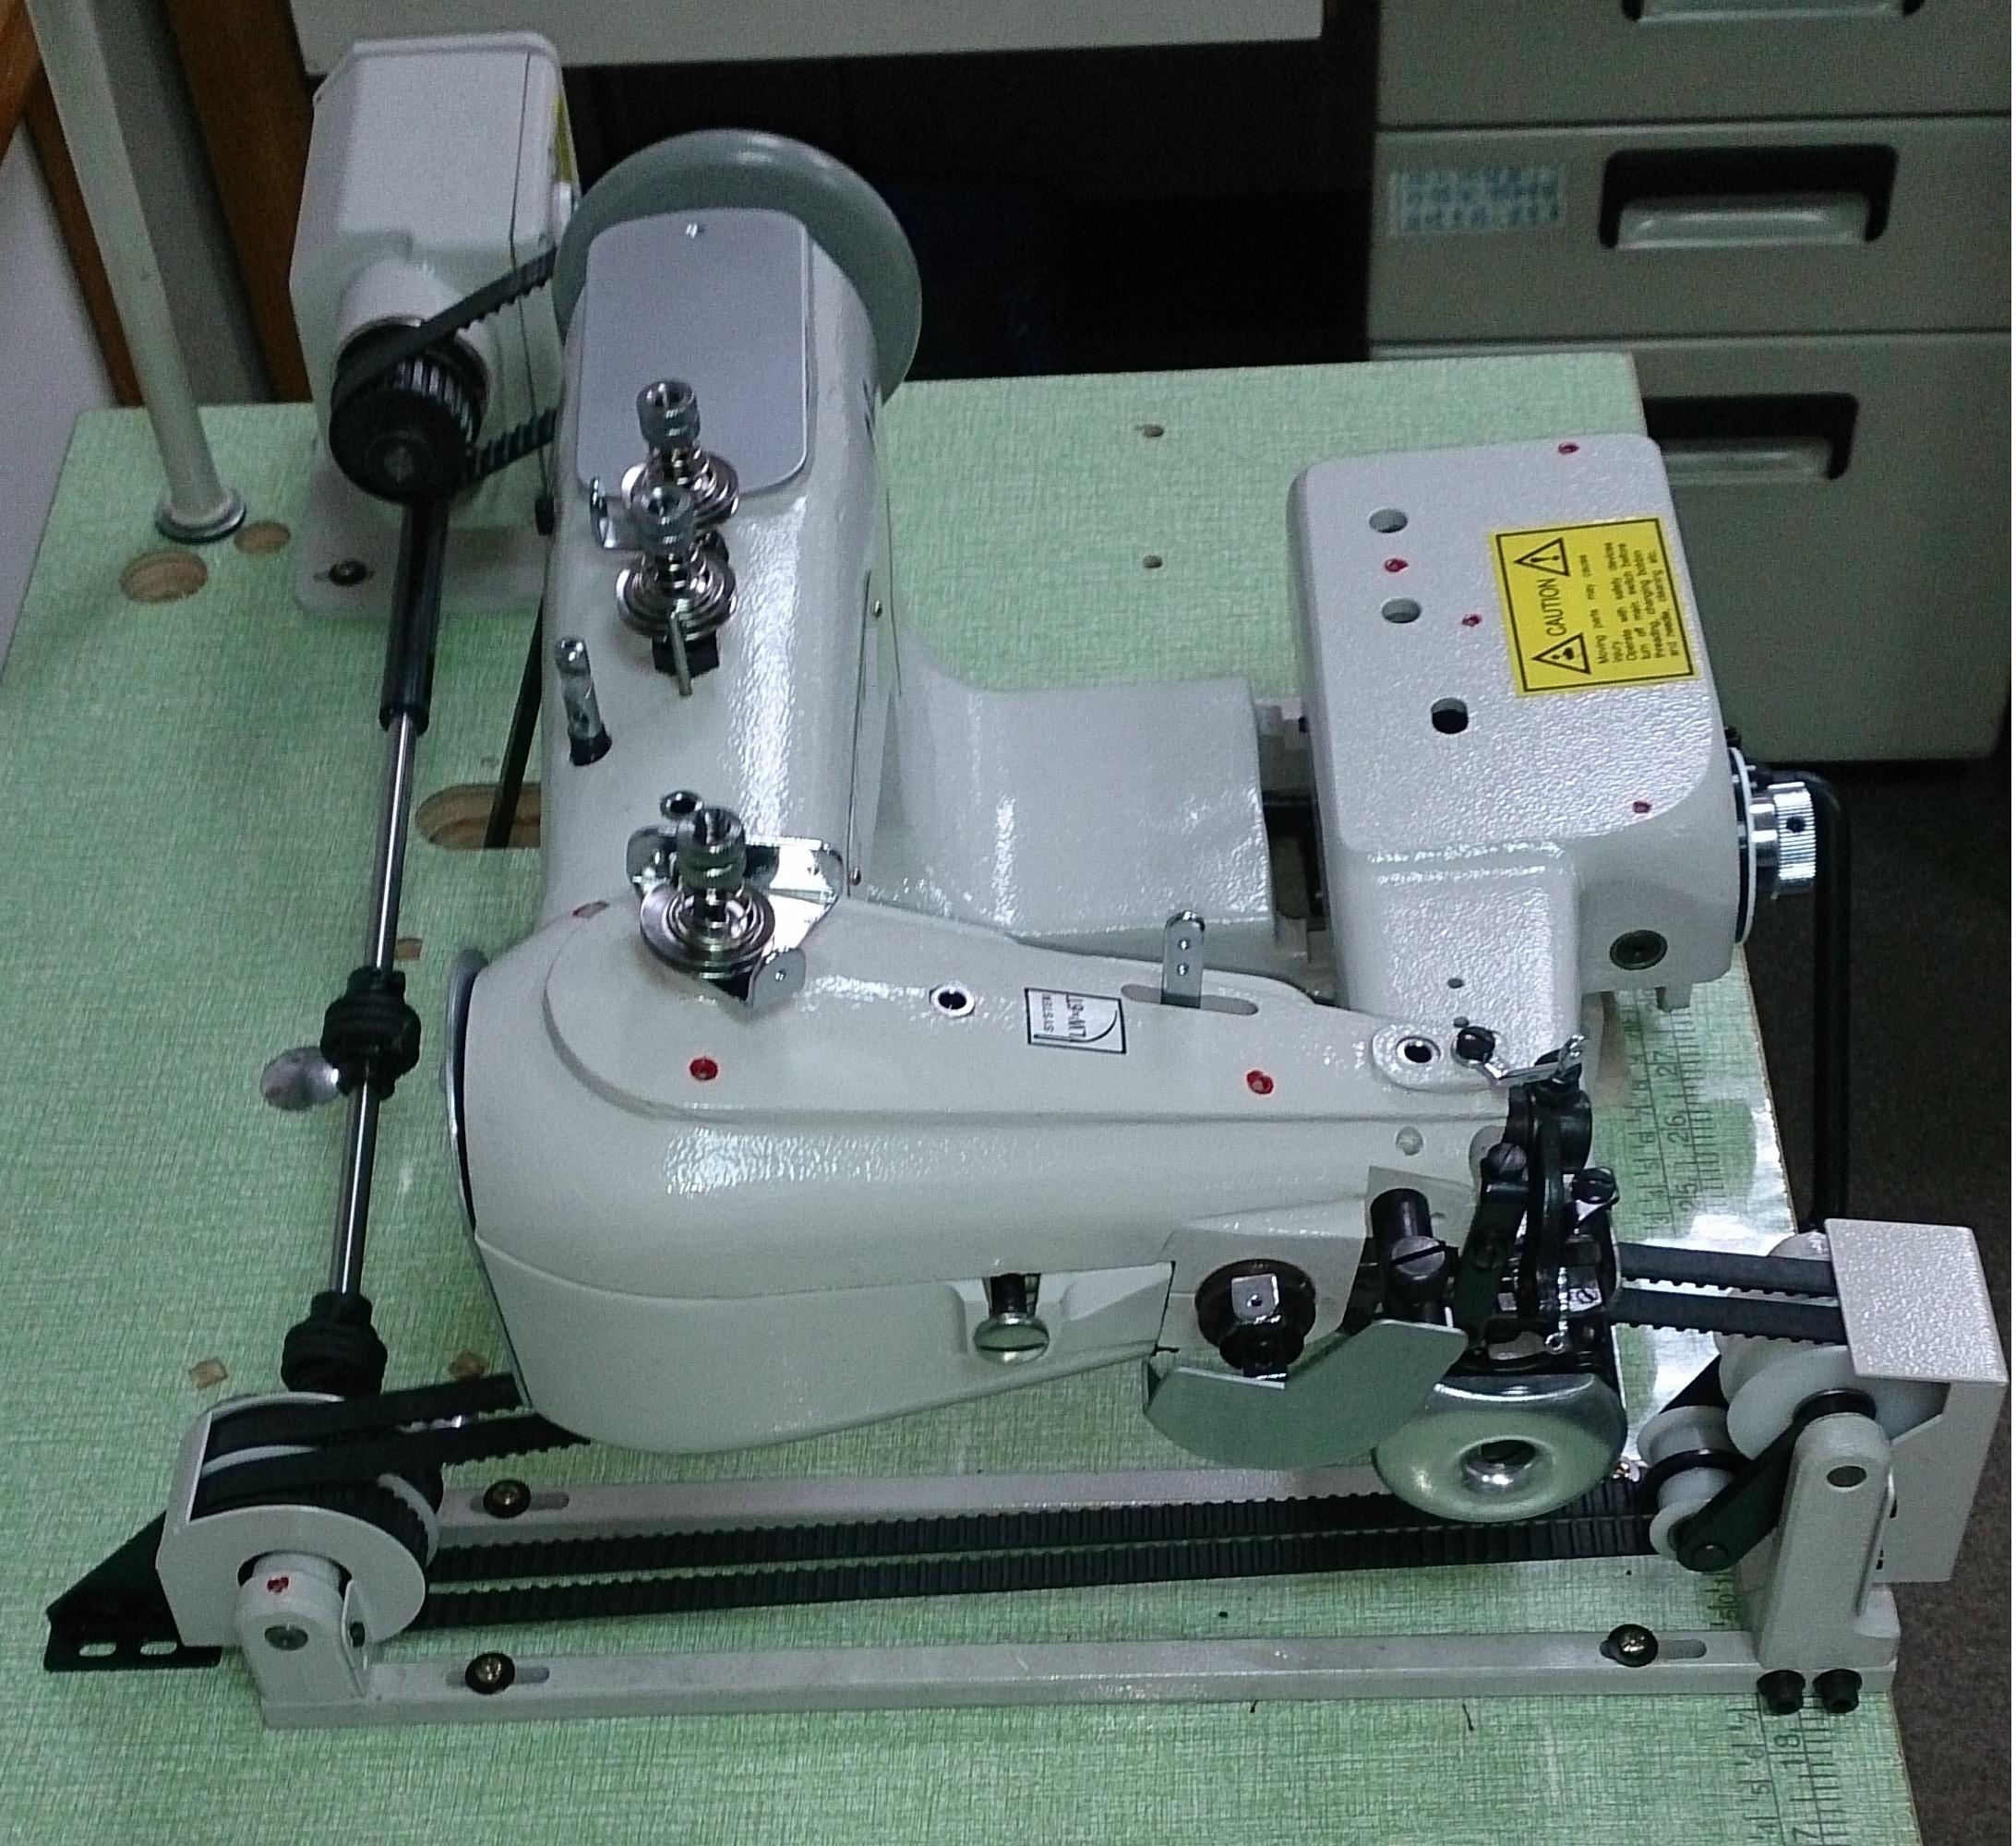 - 新品 入手困難 ウエットスーツ縫製ベルト送り装置付き スクイミシン モデルNO-SSM-H-142-PS型頭部+ベルトプーラー 1本針2本糸スクイ縫いミシン 高級